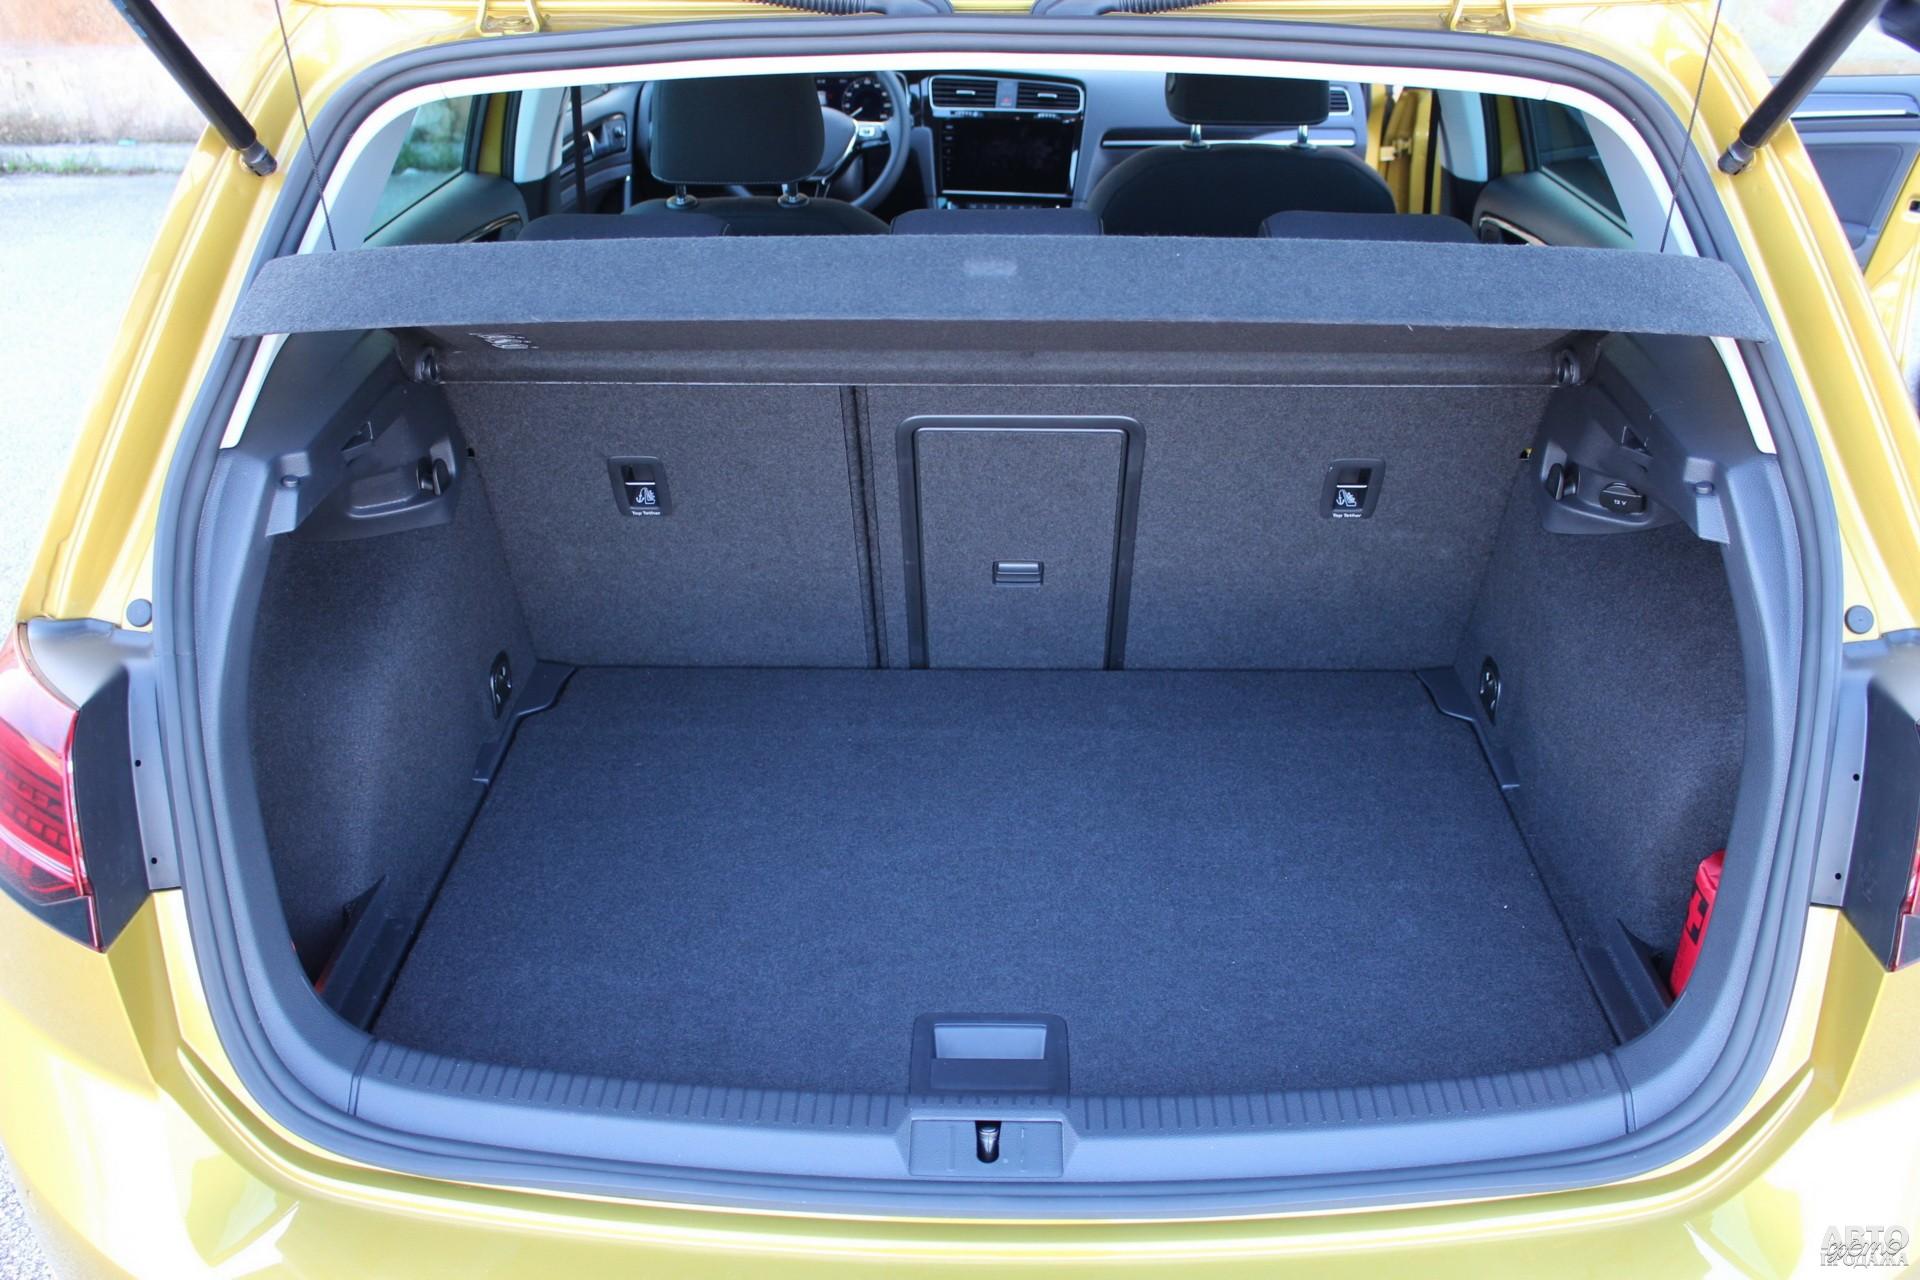 У Volkswagen в распоряжении 380 л